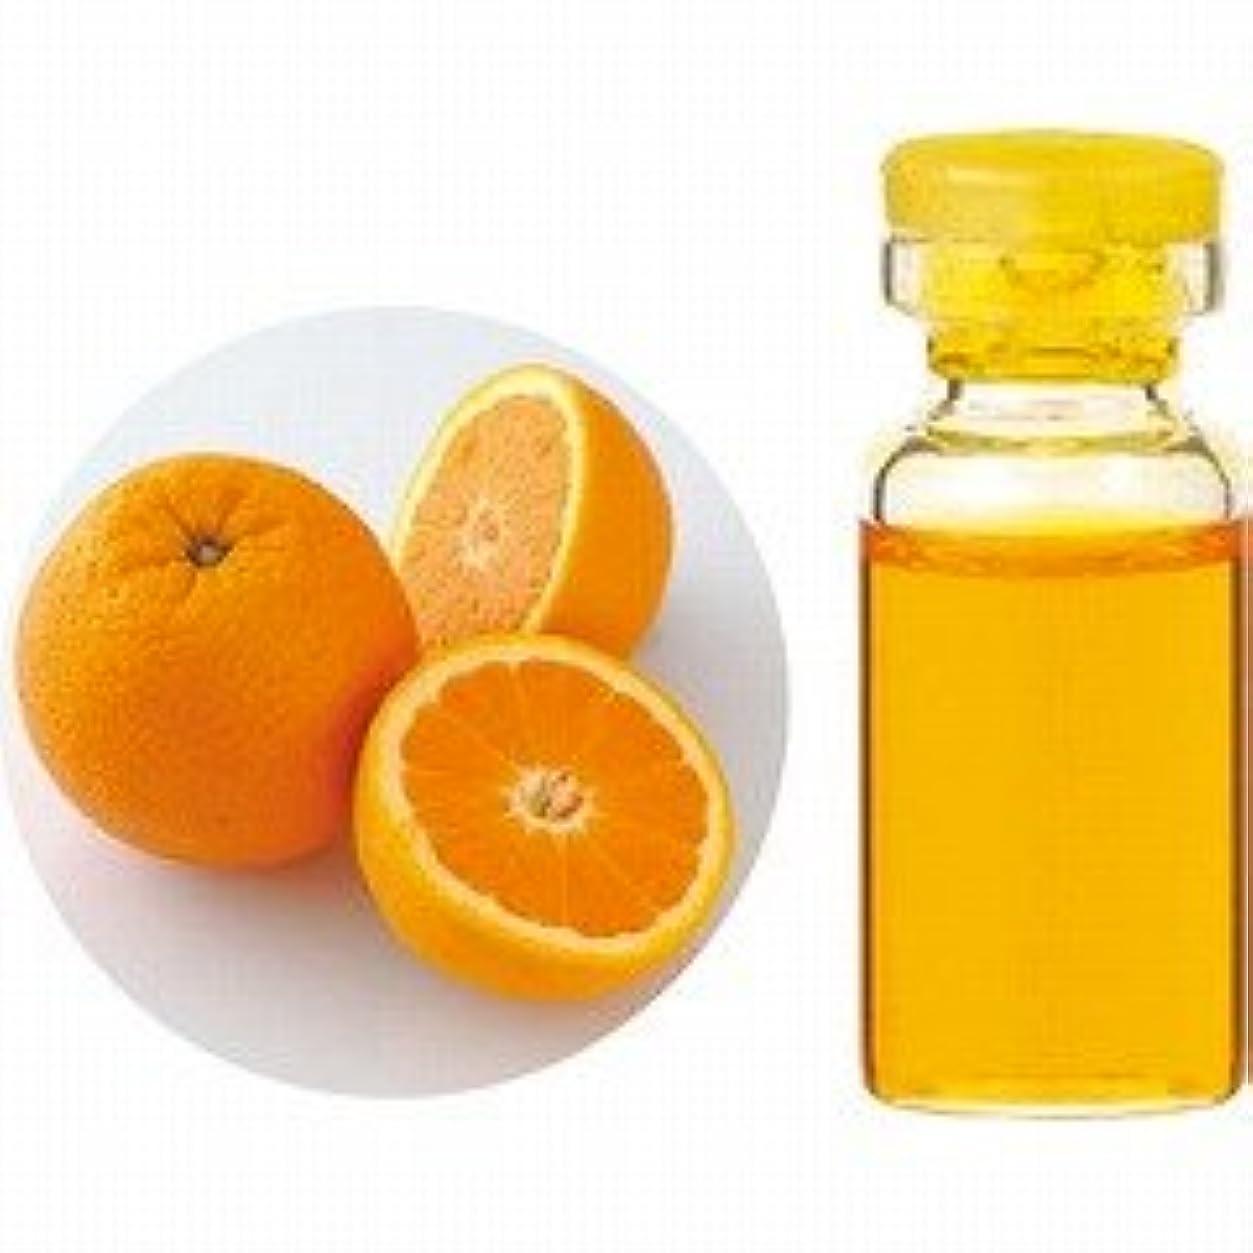 時じゃがいも支給【生活の木】エッセンシャルオイル(精油) オレンジスイート 100ml